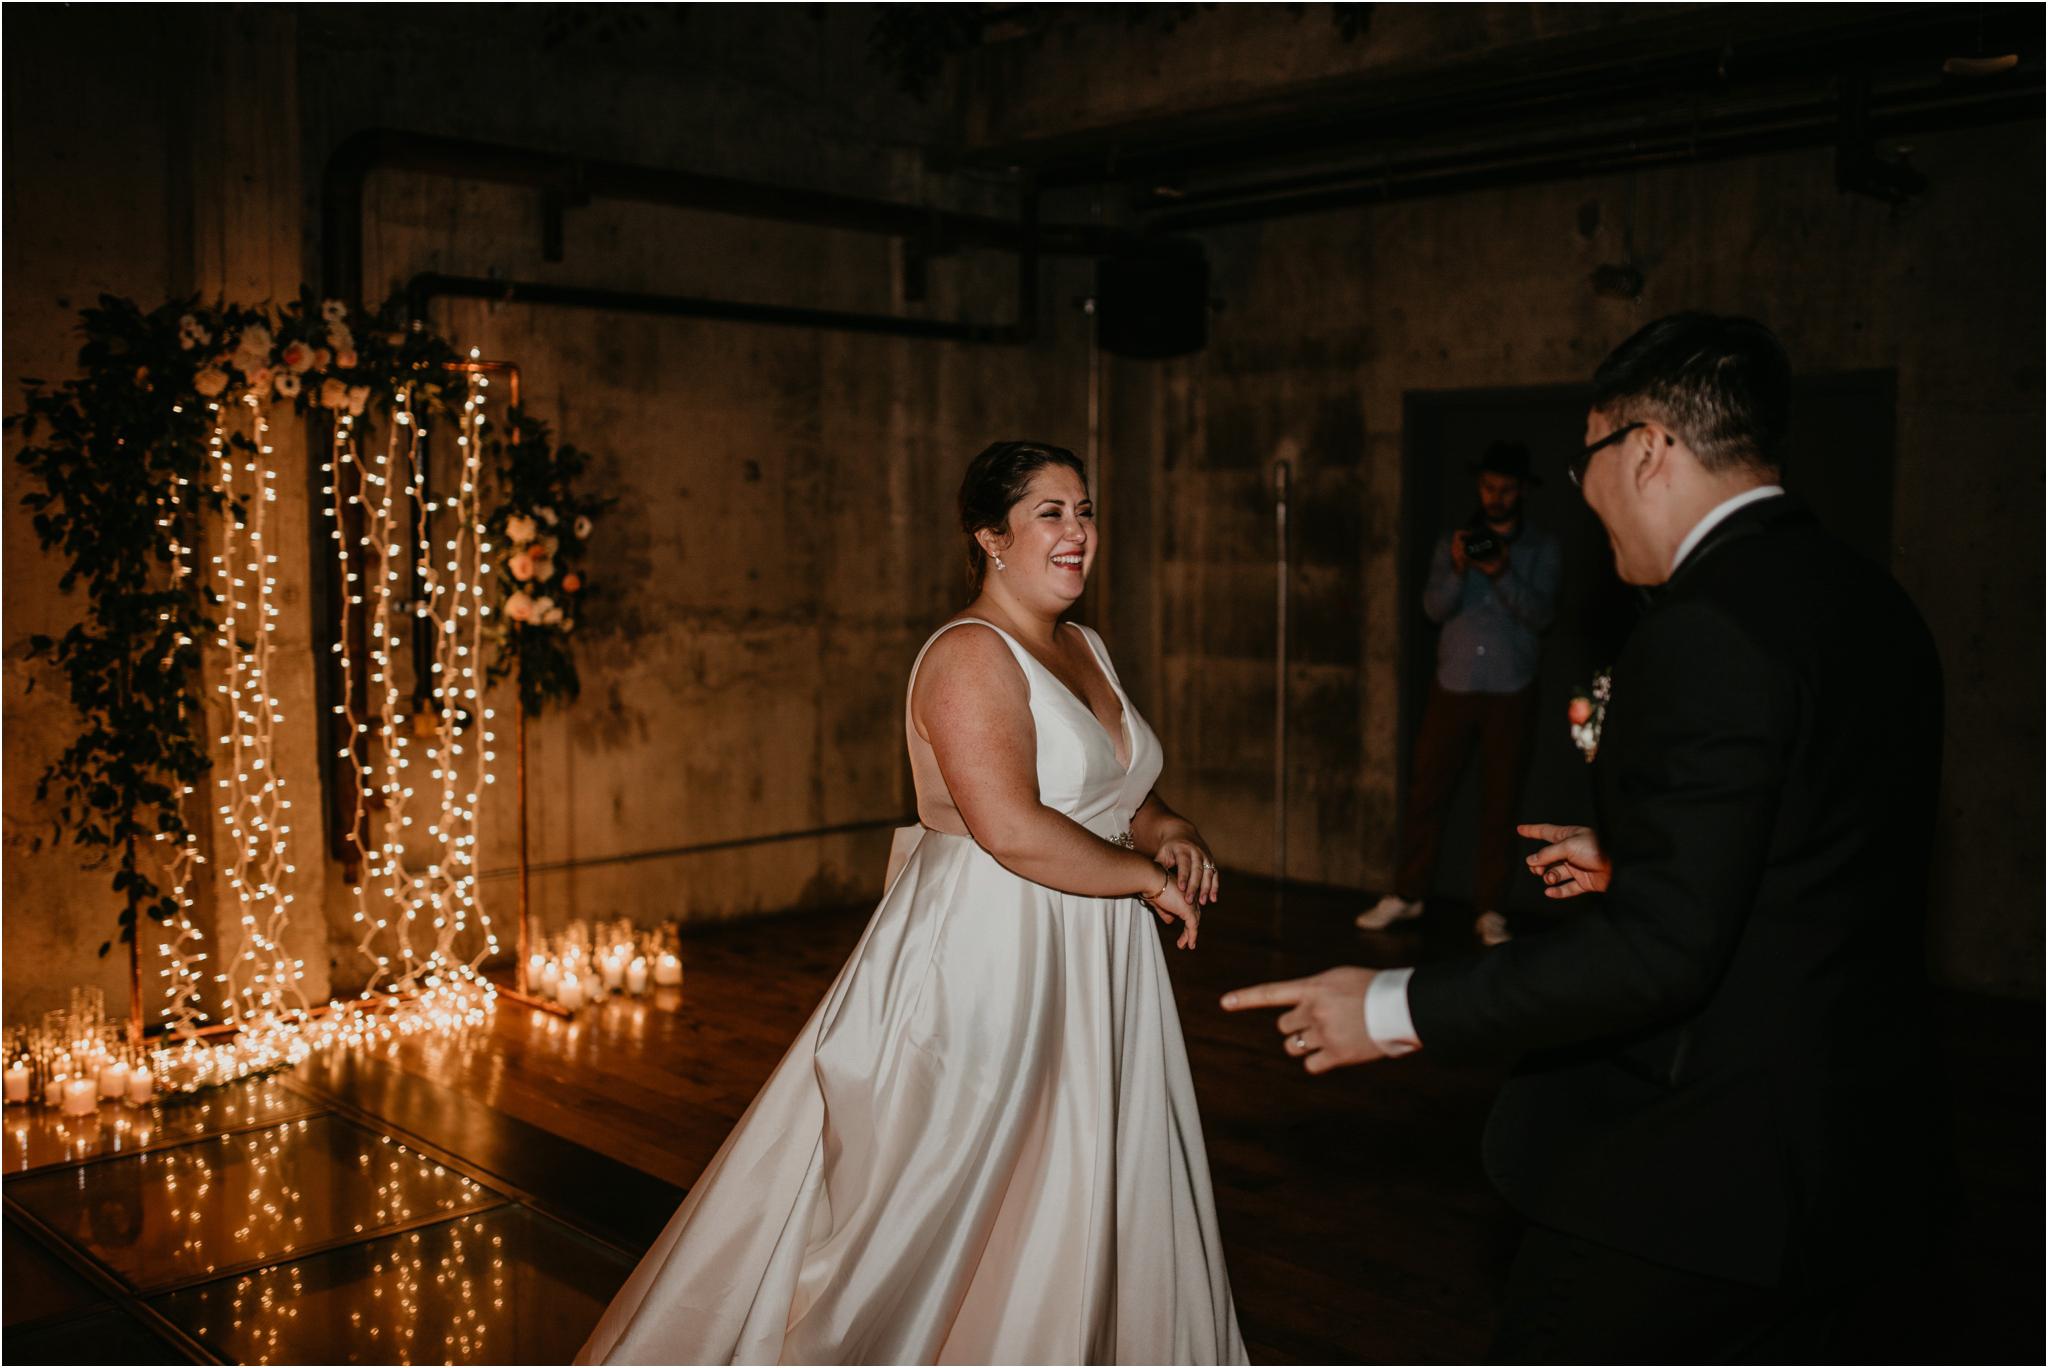 ashley-and-david-fremont-foundry-seattle-washington-wedding-photographer-134.jpg